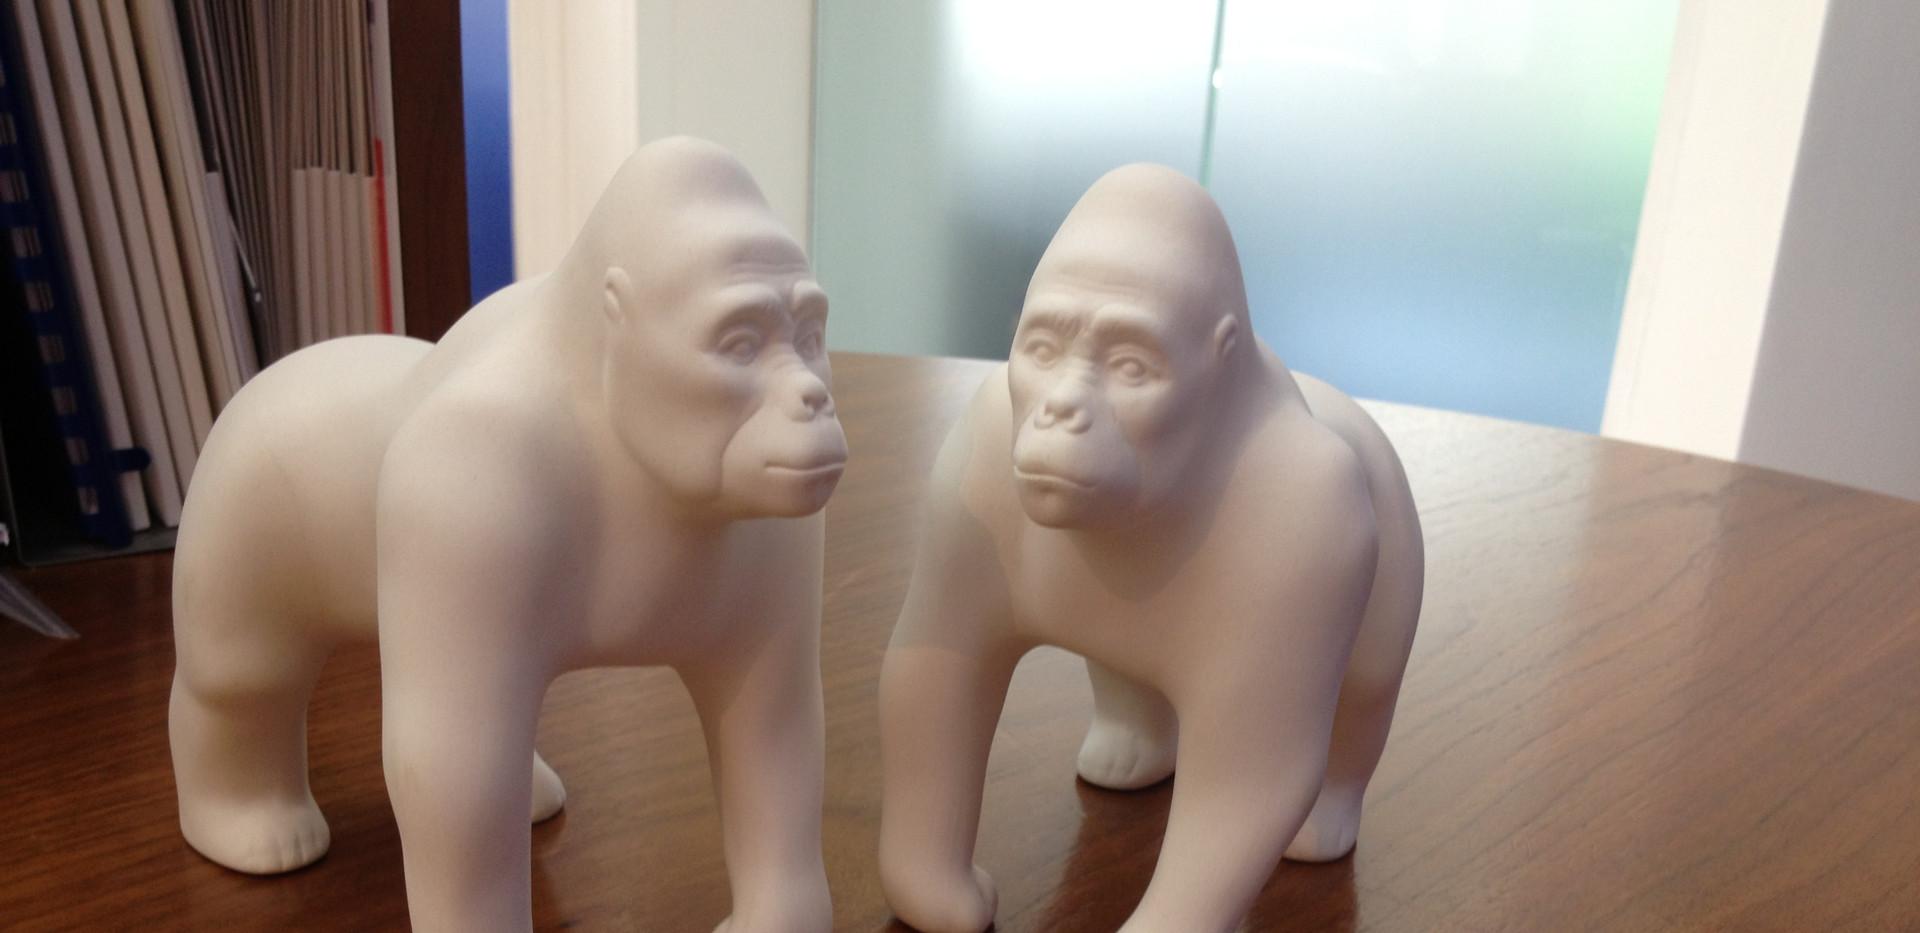 Baby Darth Vader Gorillas 002.jpg